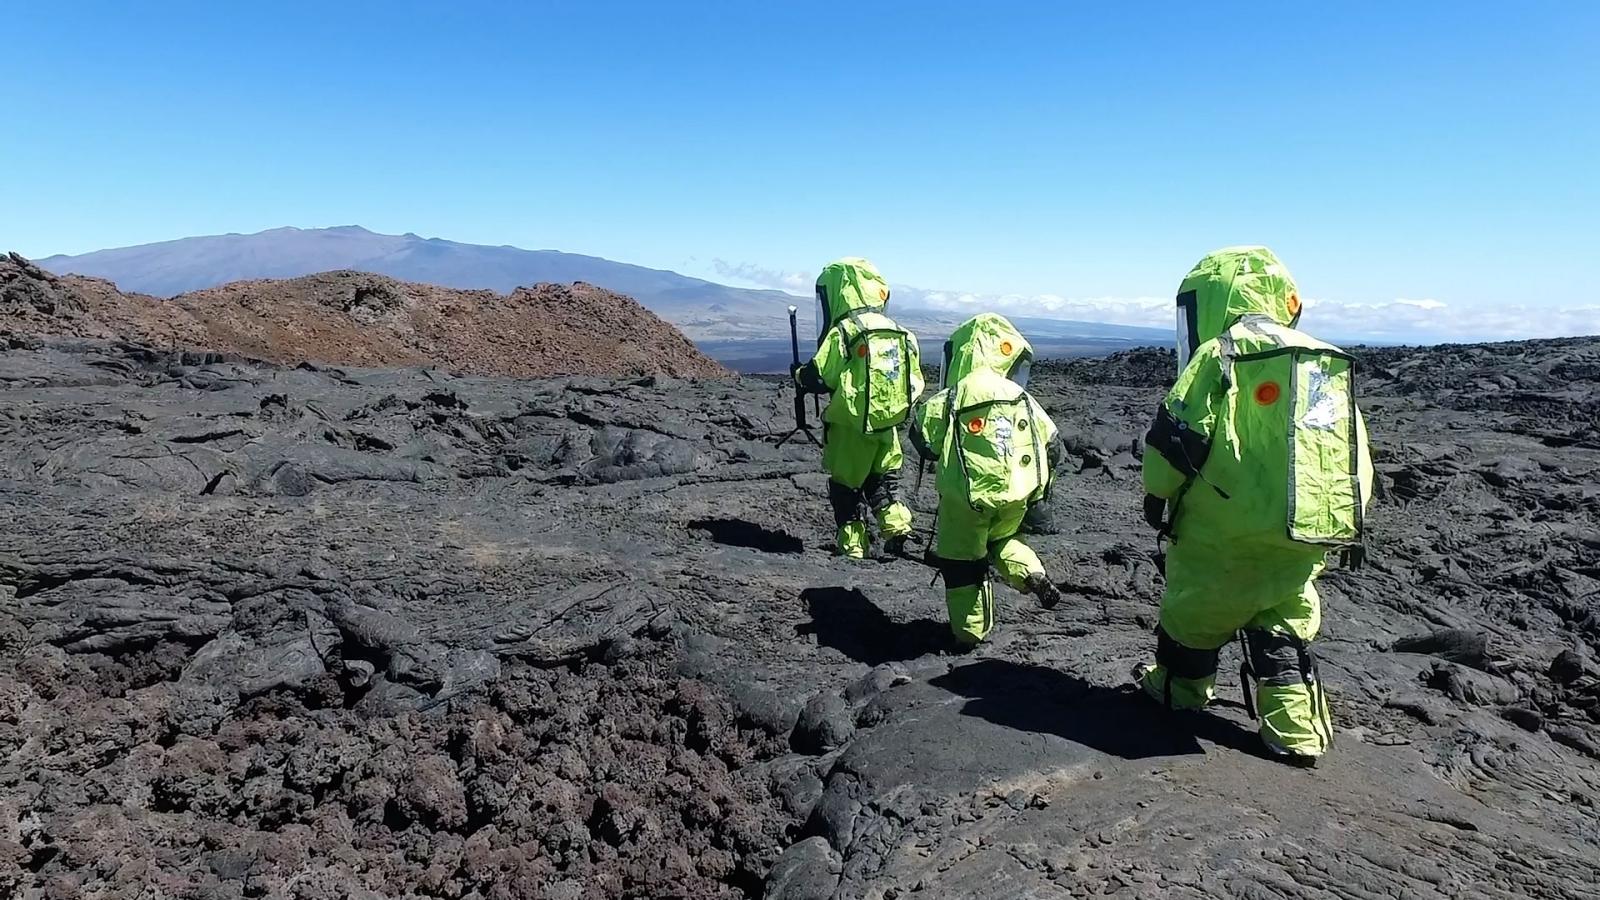 Walking across lava fields